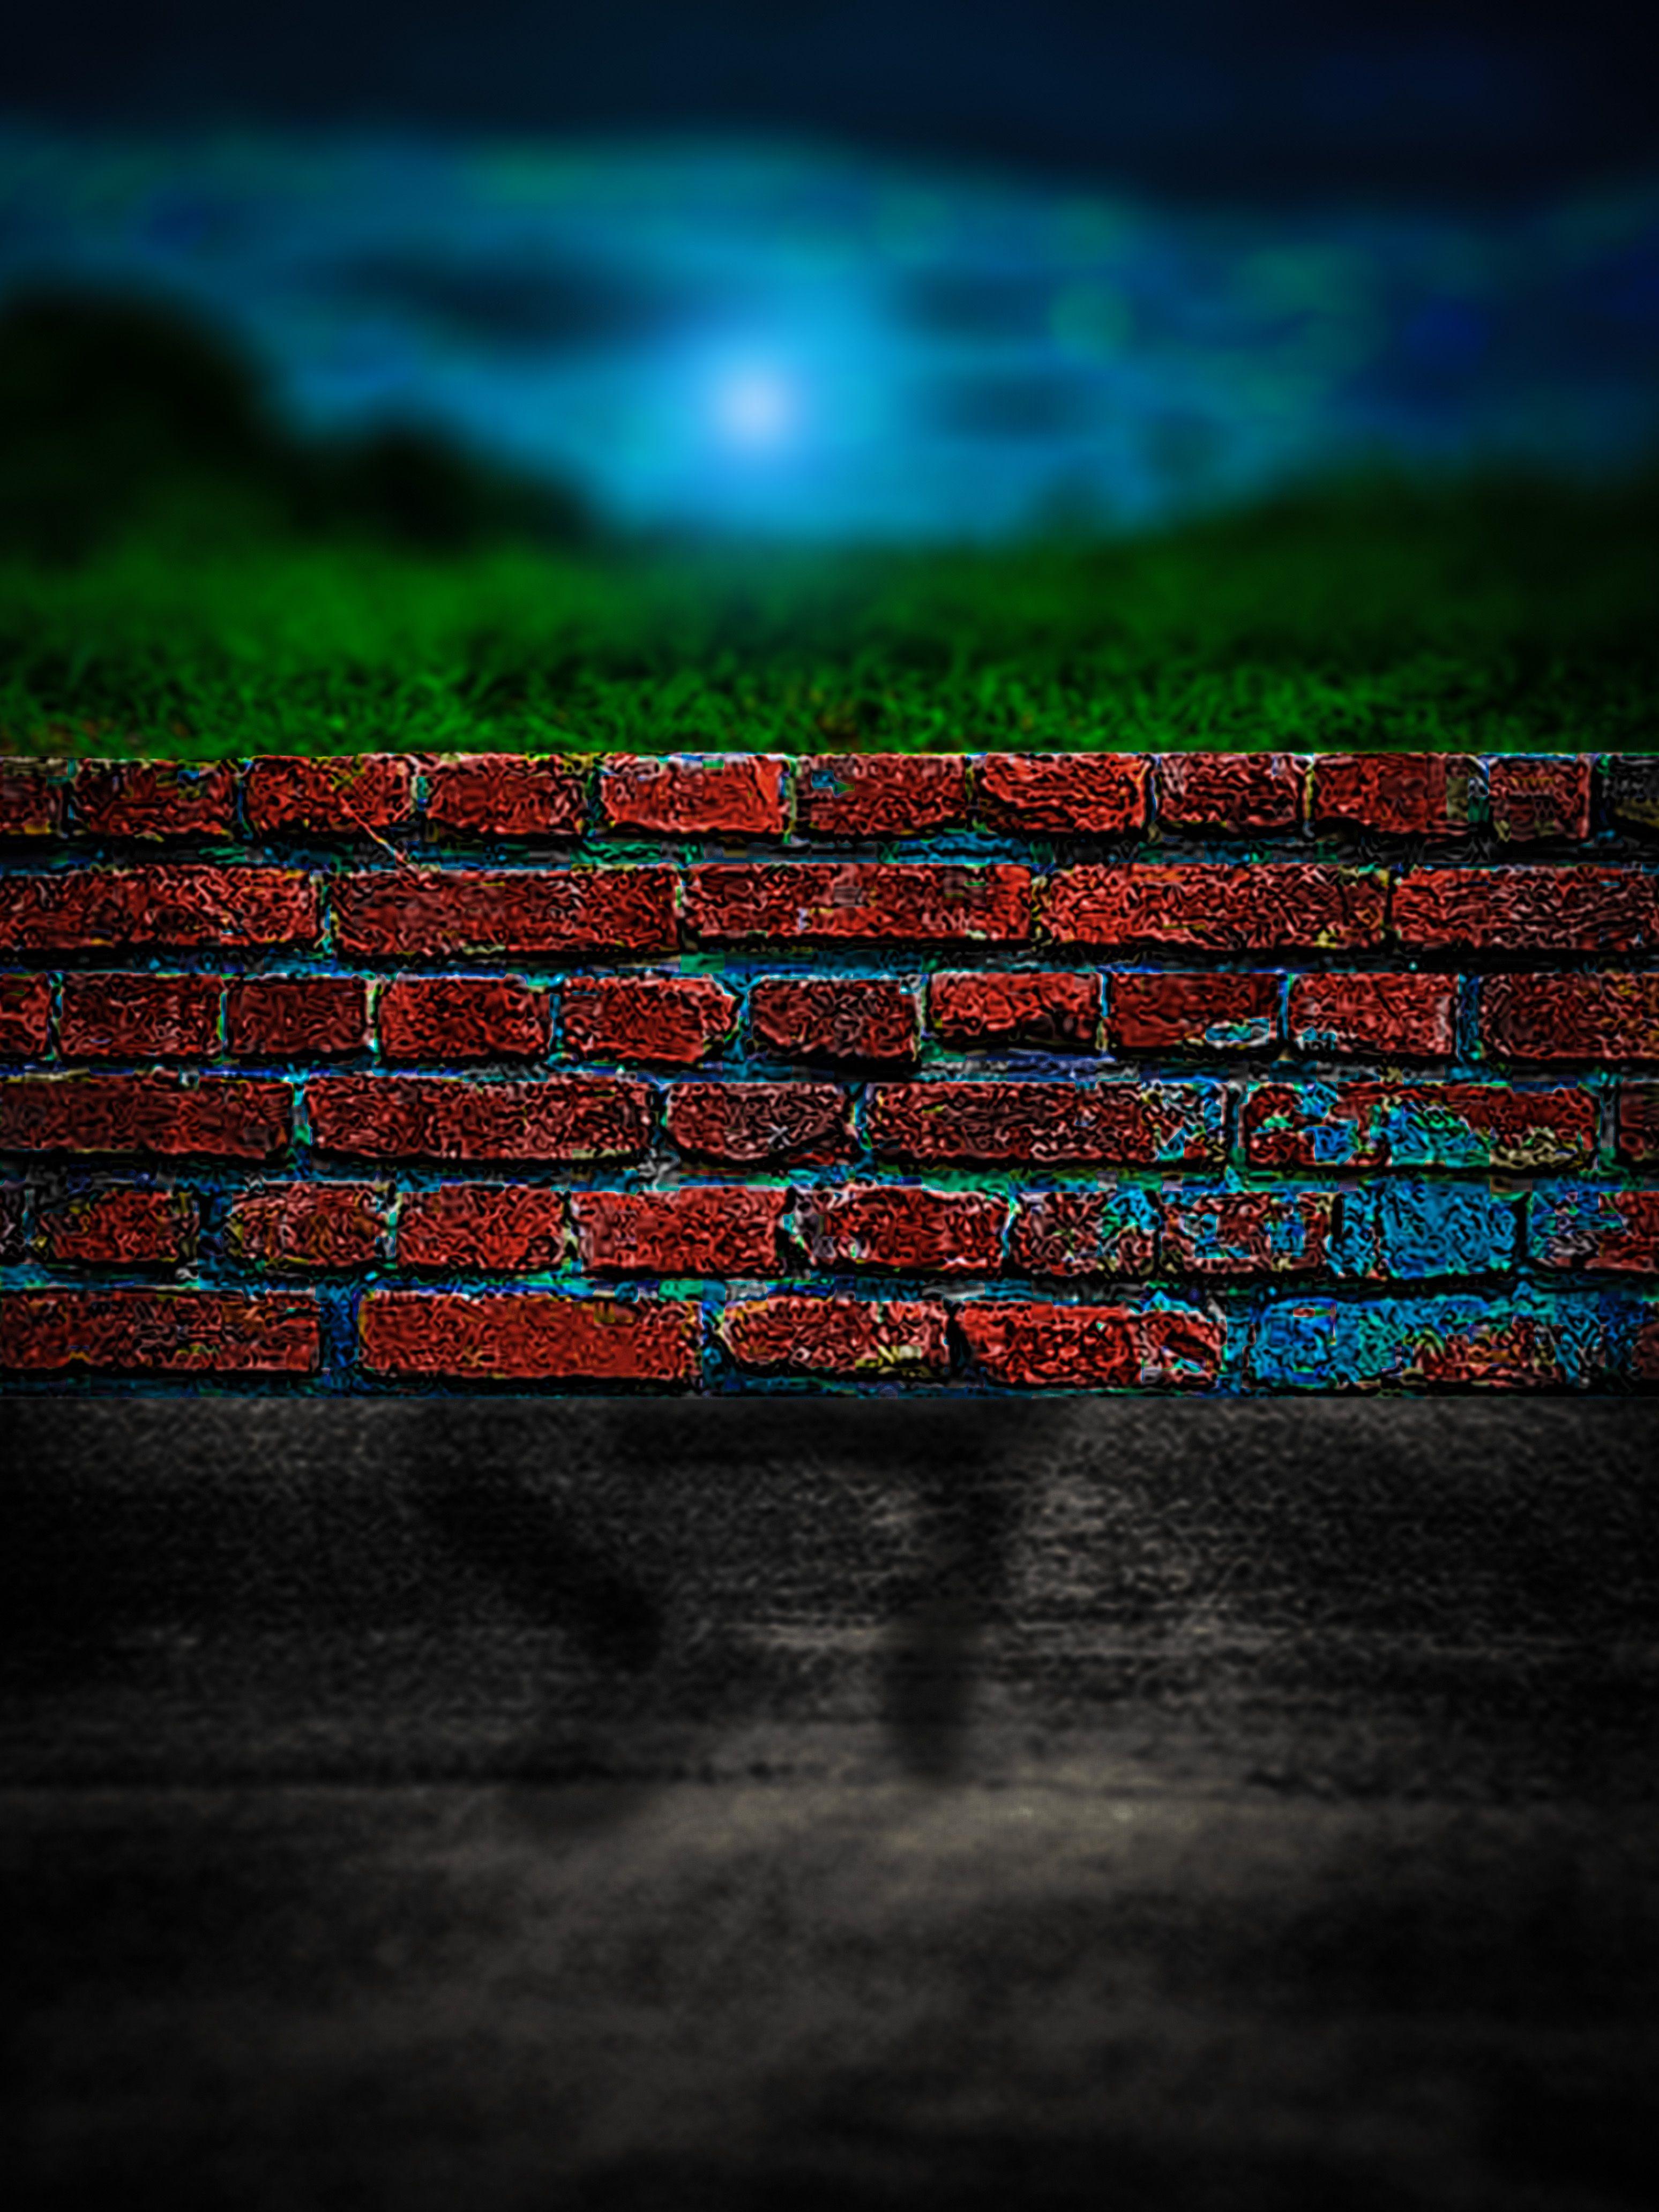 Hình ảnh background tường gạch cỏ xanh